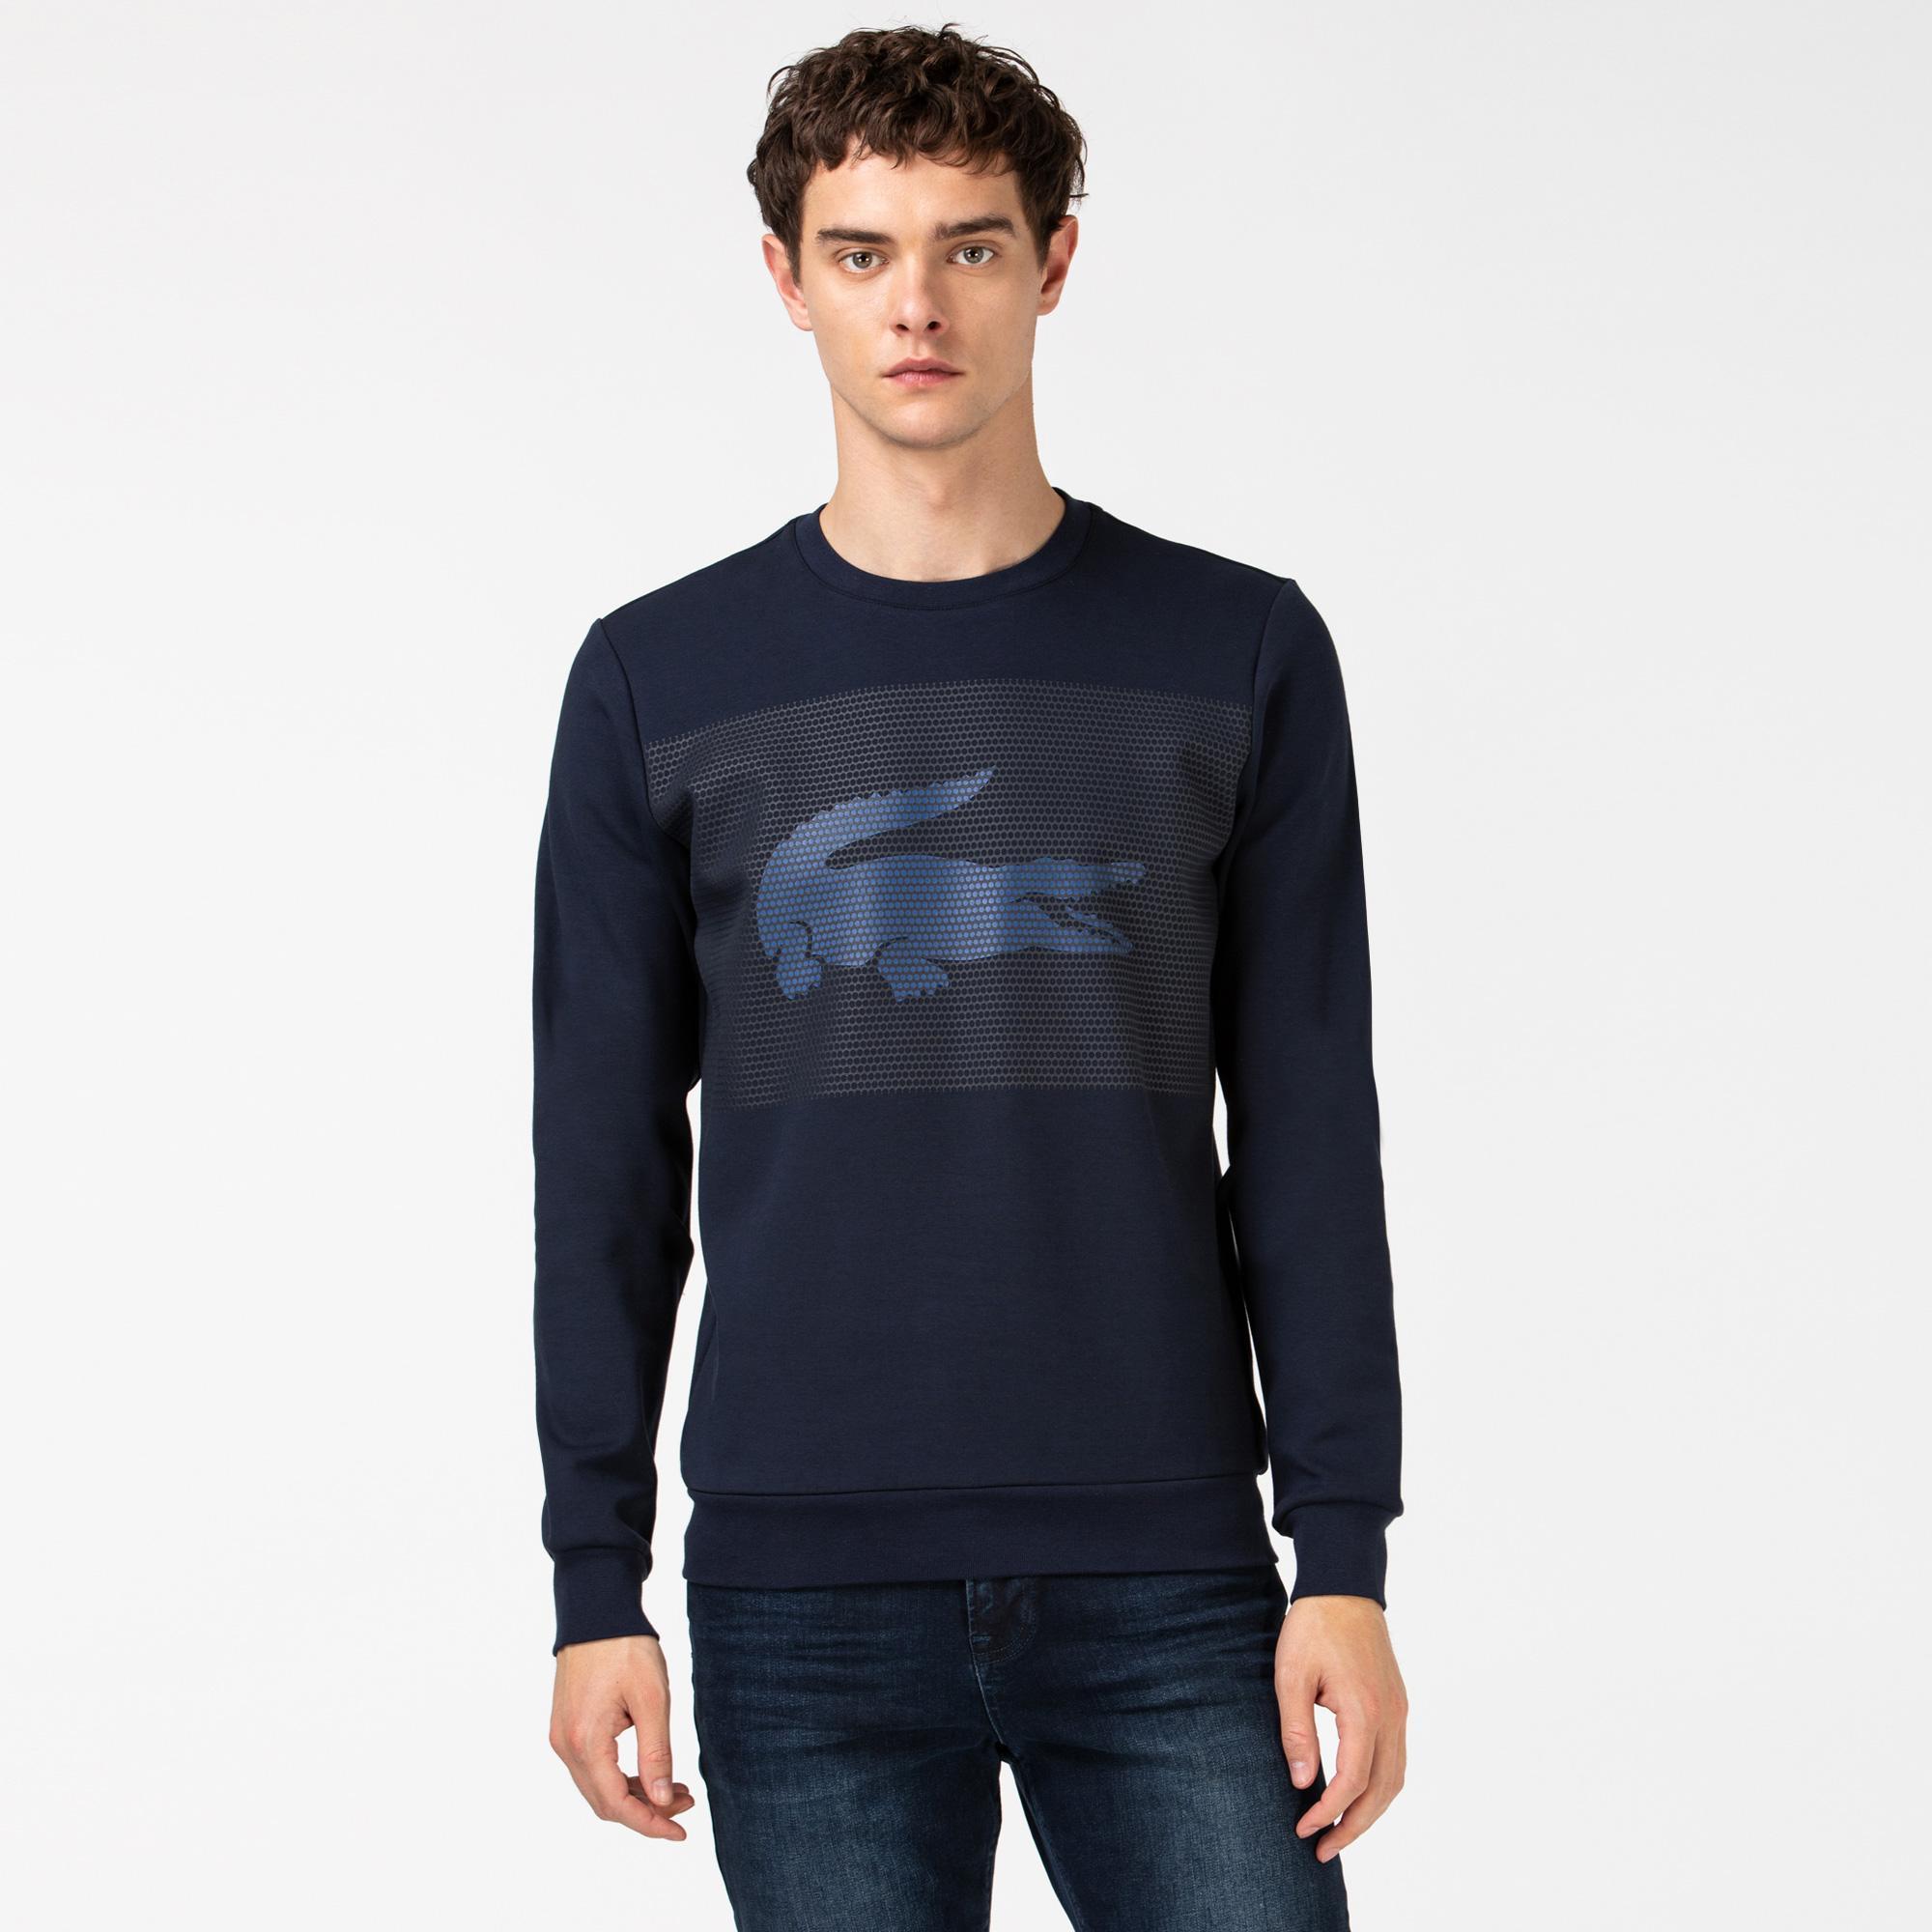 Lacoste Erkek Timsah Baskılı Bisiklet Yaka Lacivert Sweatshirt